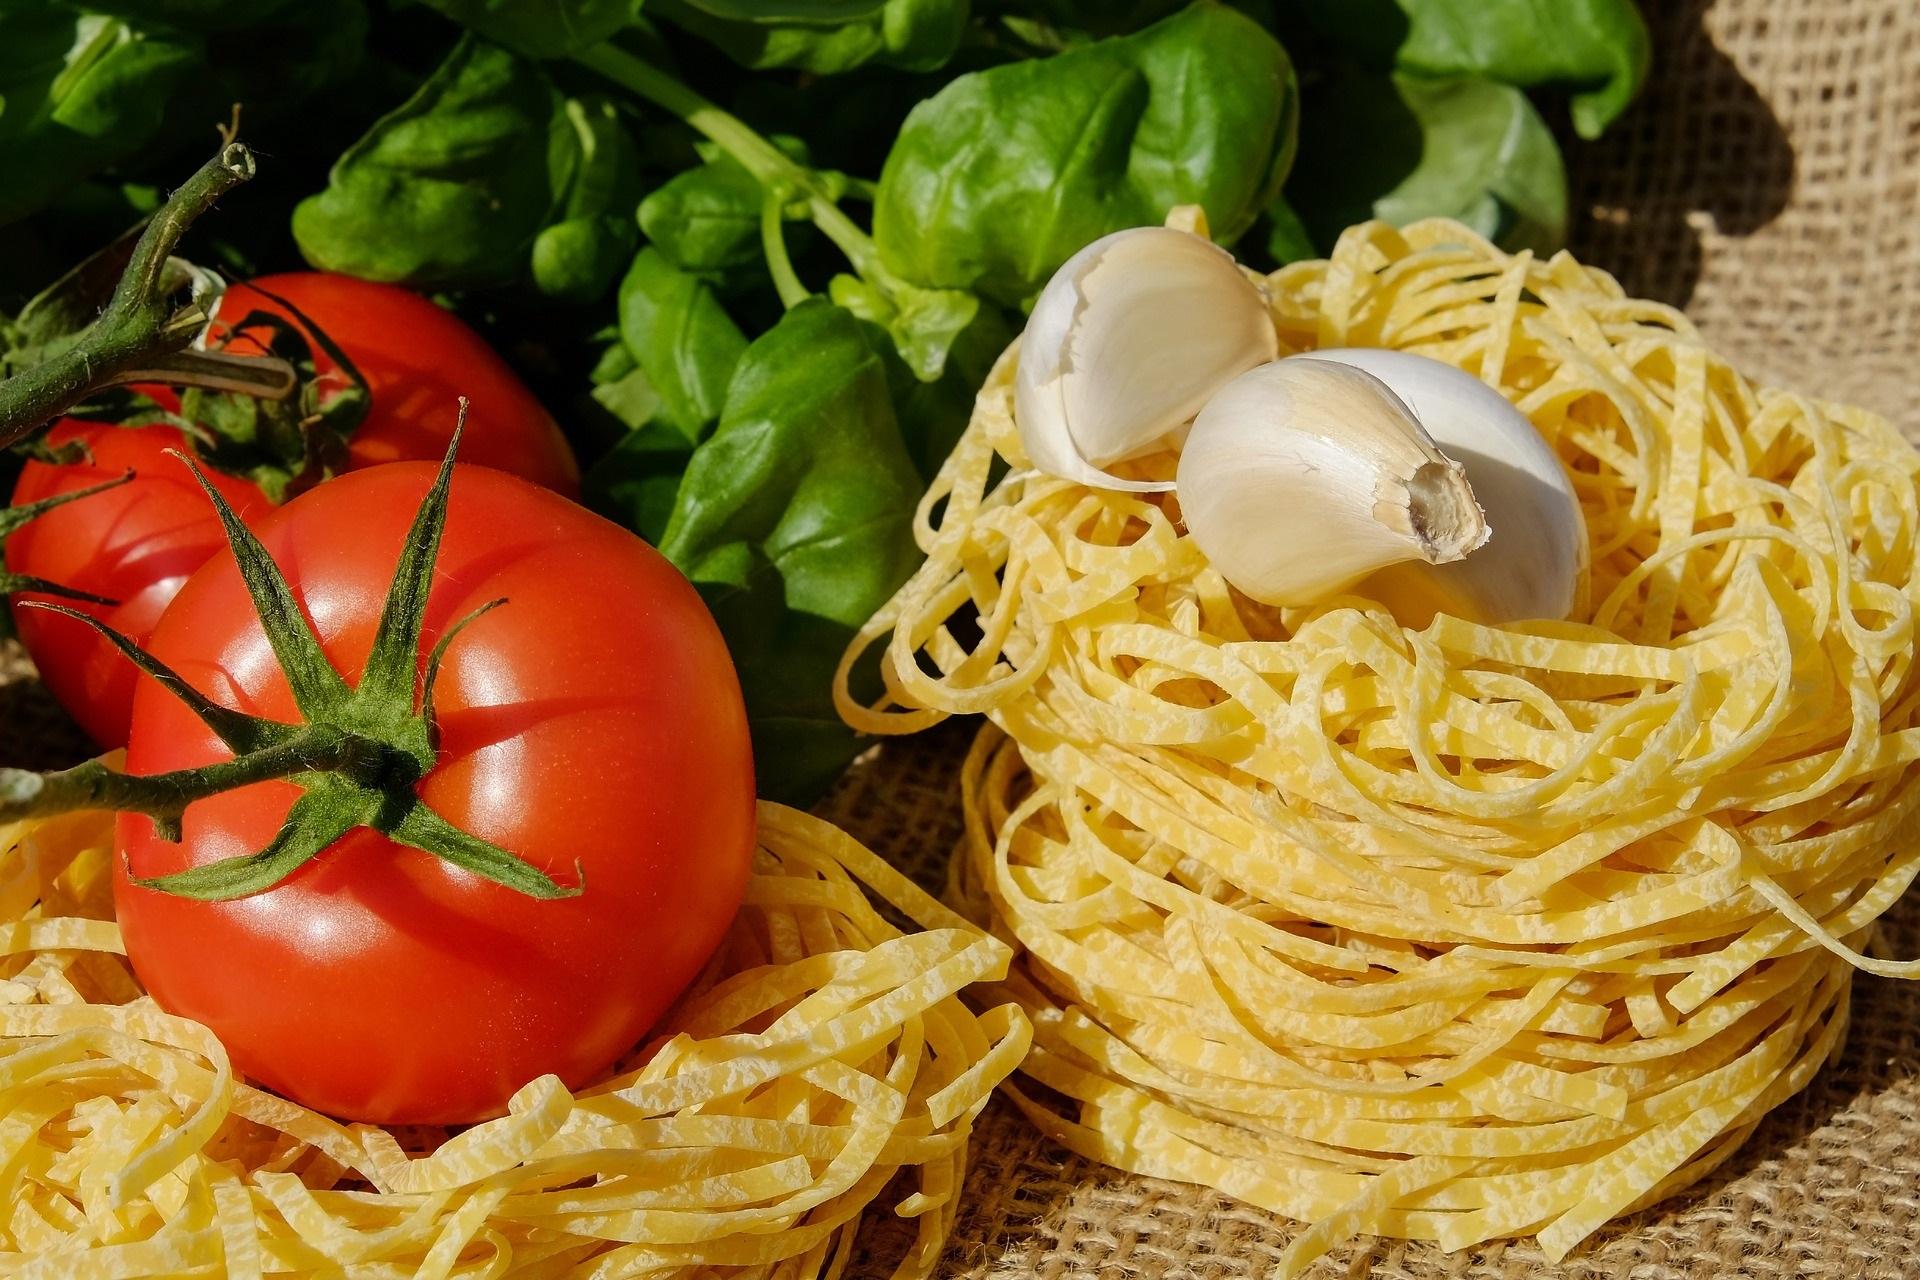 Alimentazione funzionale per dimagrire, i consigli e gli esempi